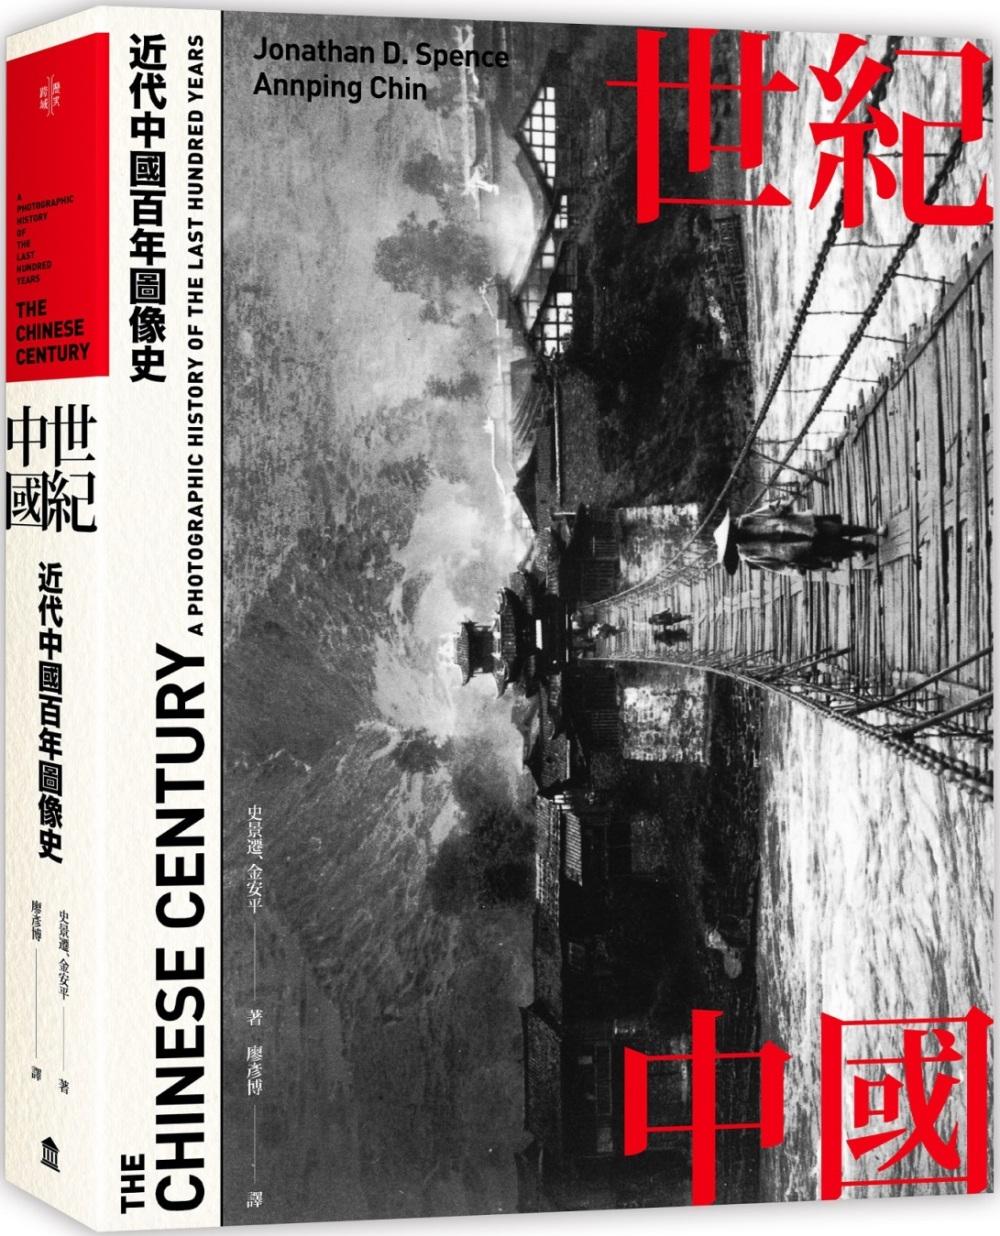 世紀中國:近代中國百年圖像史(博客來獨家簽名版)